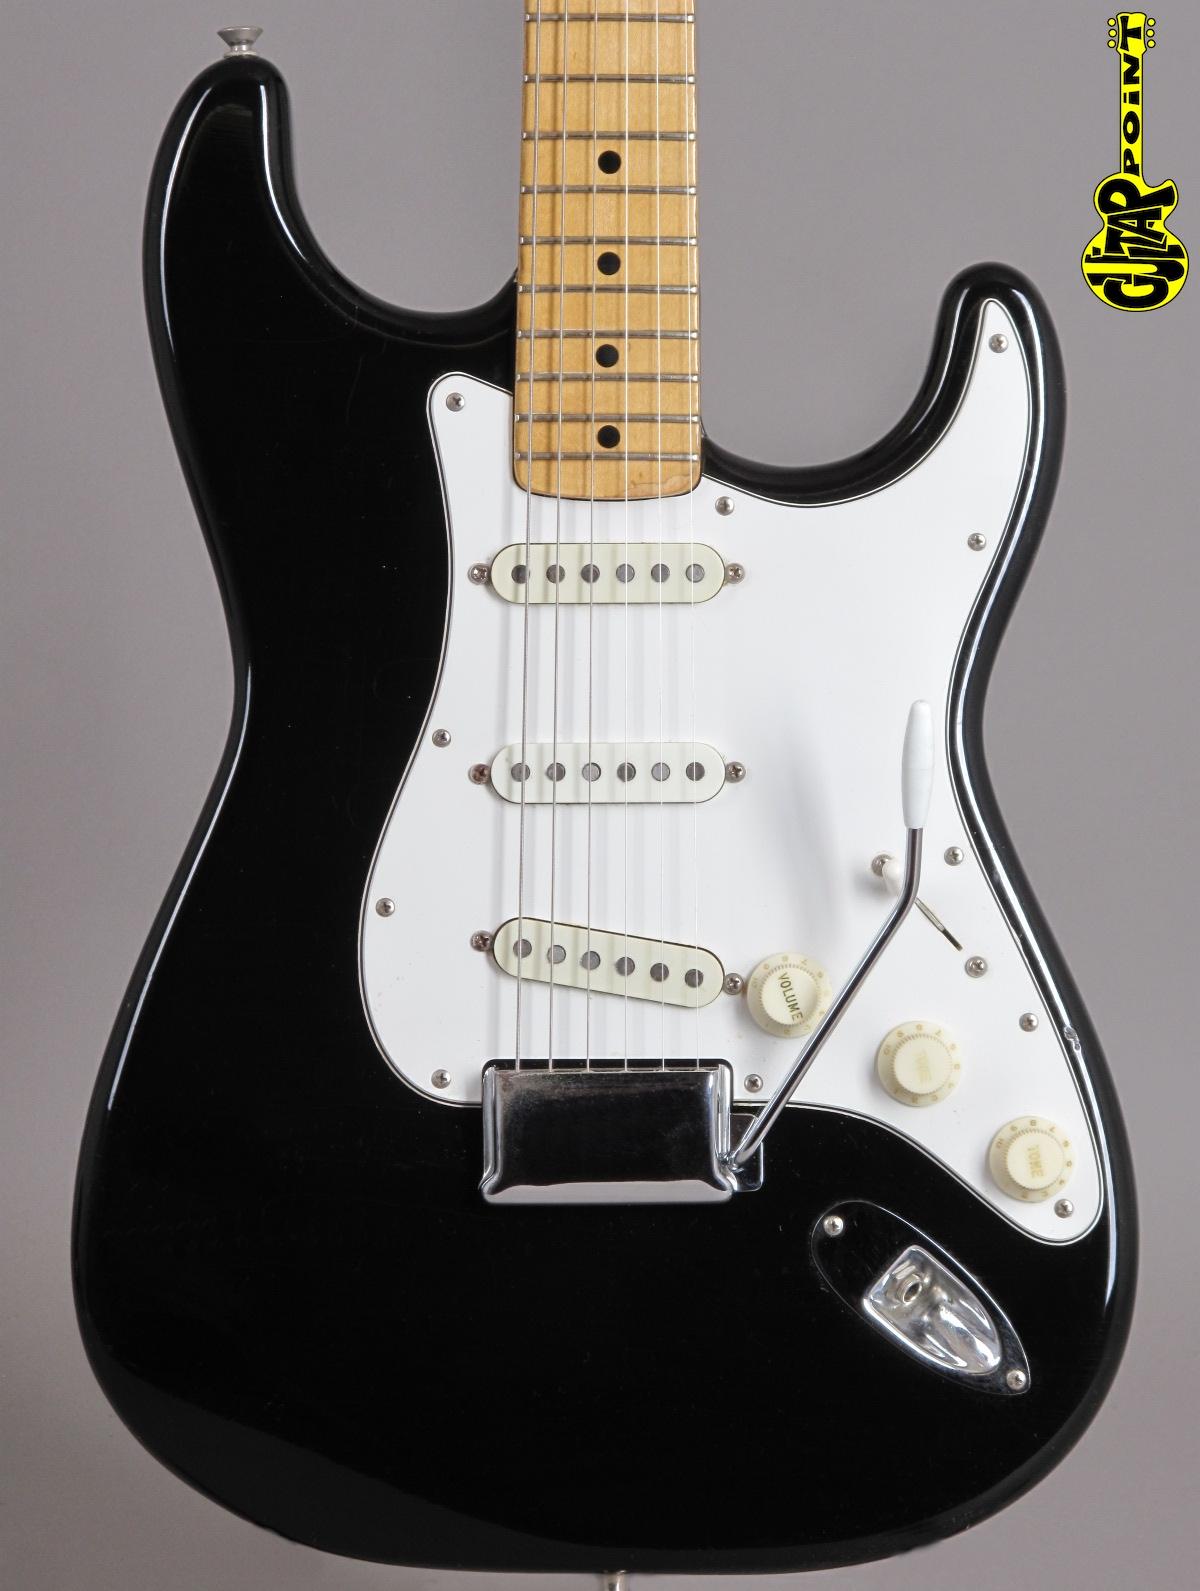 1975 Fender Stratocaster - Black